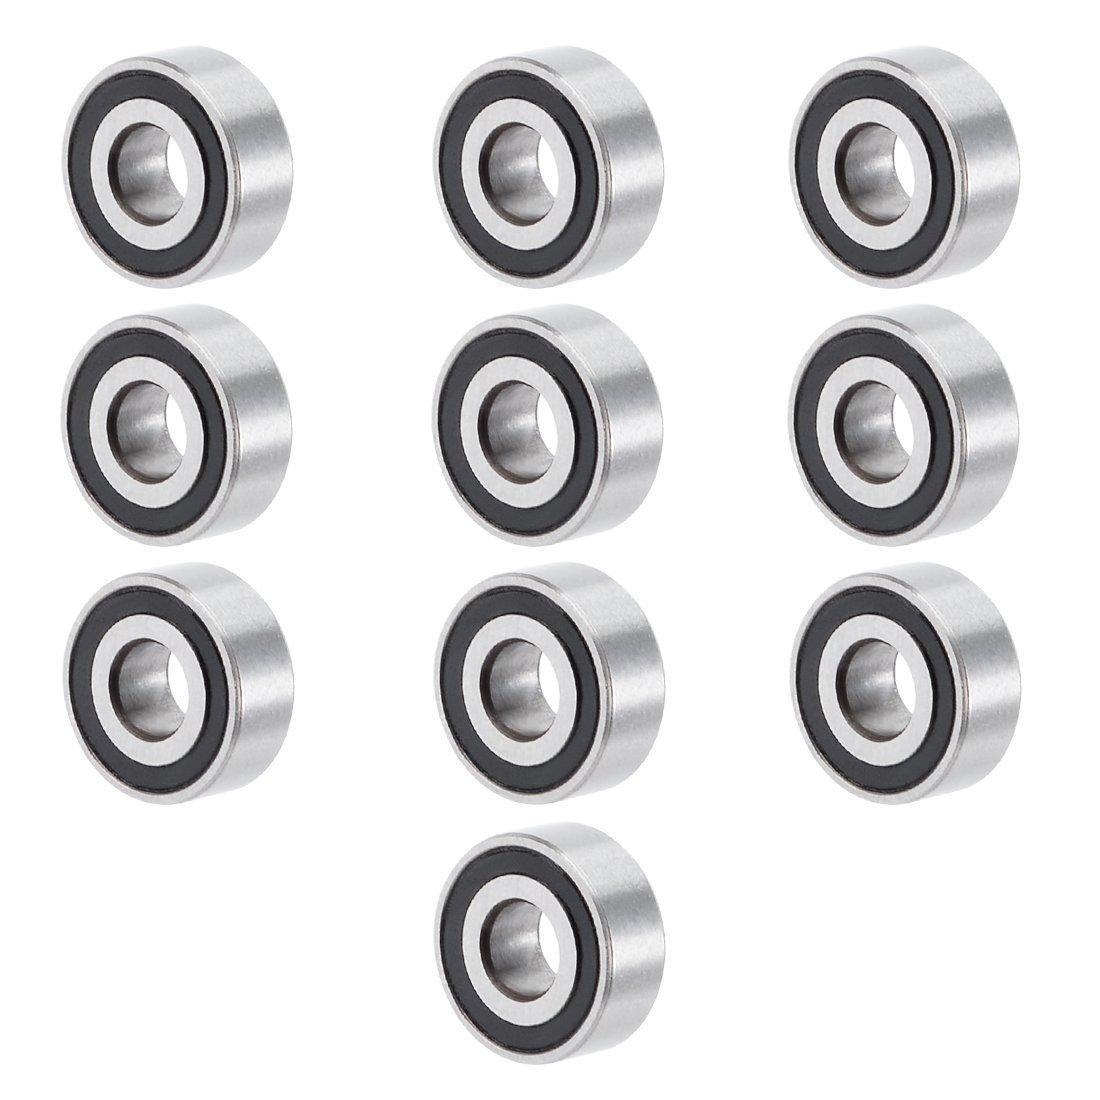 uxcell 629ZZ 9mmx26mmx8mm Double Shielded Miniature Deep Groove Ball Bearing 10pcs